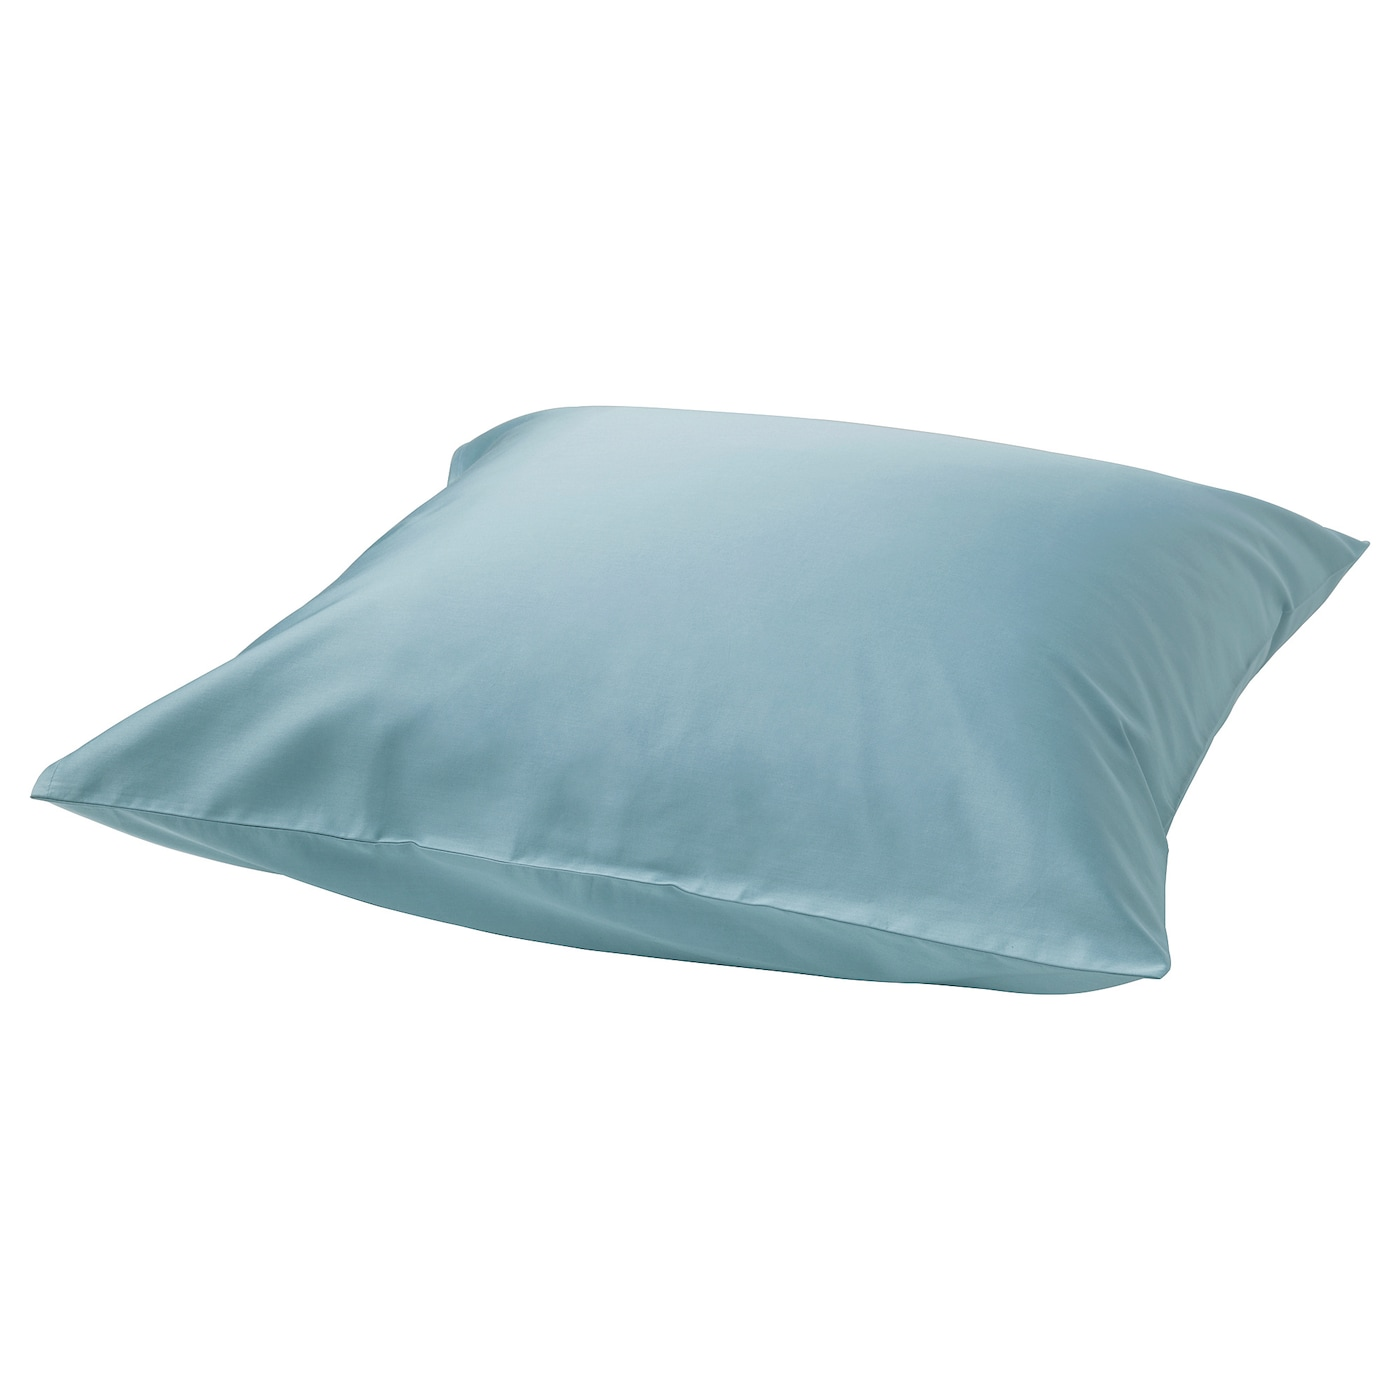 nattjasmin taie d 39 oreiller bleu 65 x 65 cm ikea. Black Bedroom Furniture Sets. Home Design Ideas